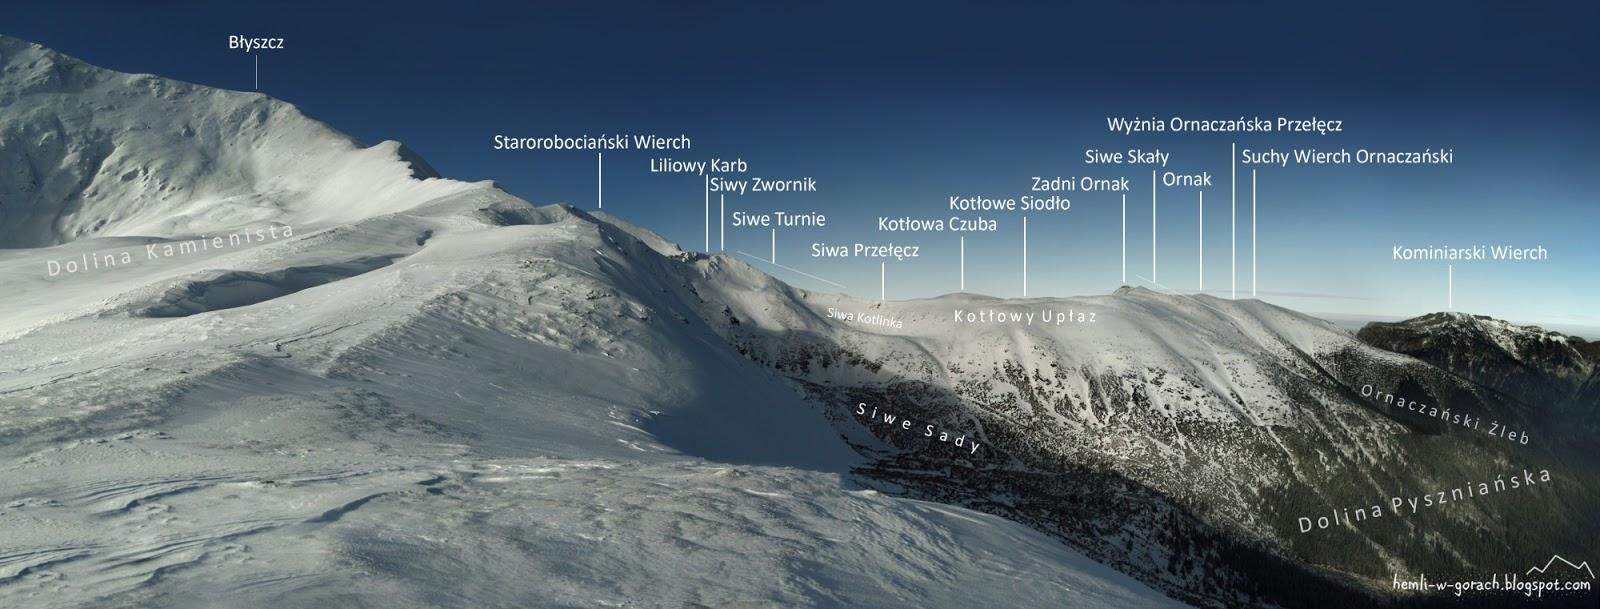 Panorama z Pyszniańskiej Przełęczy